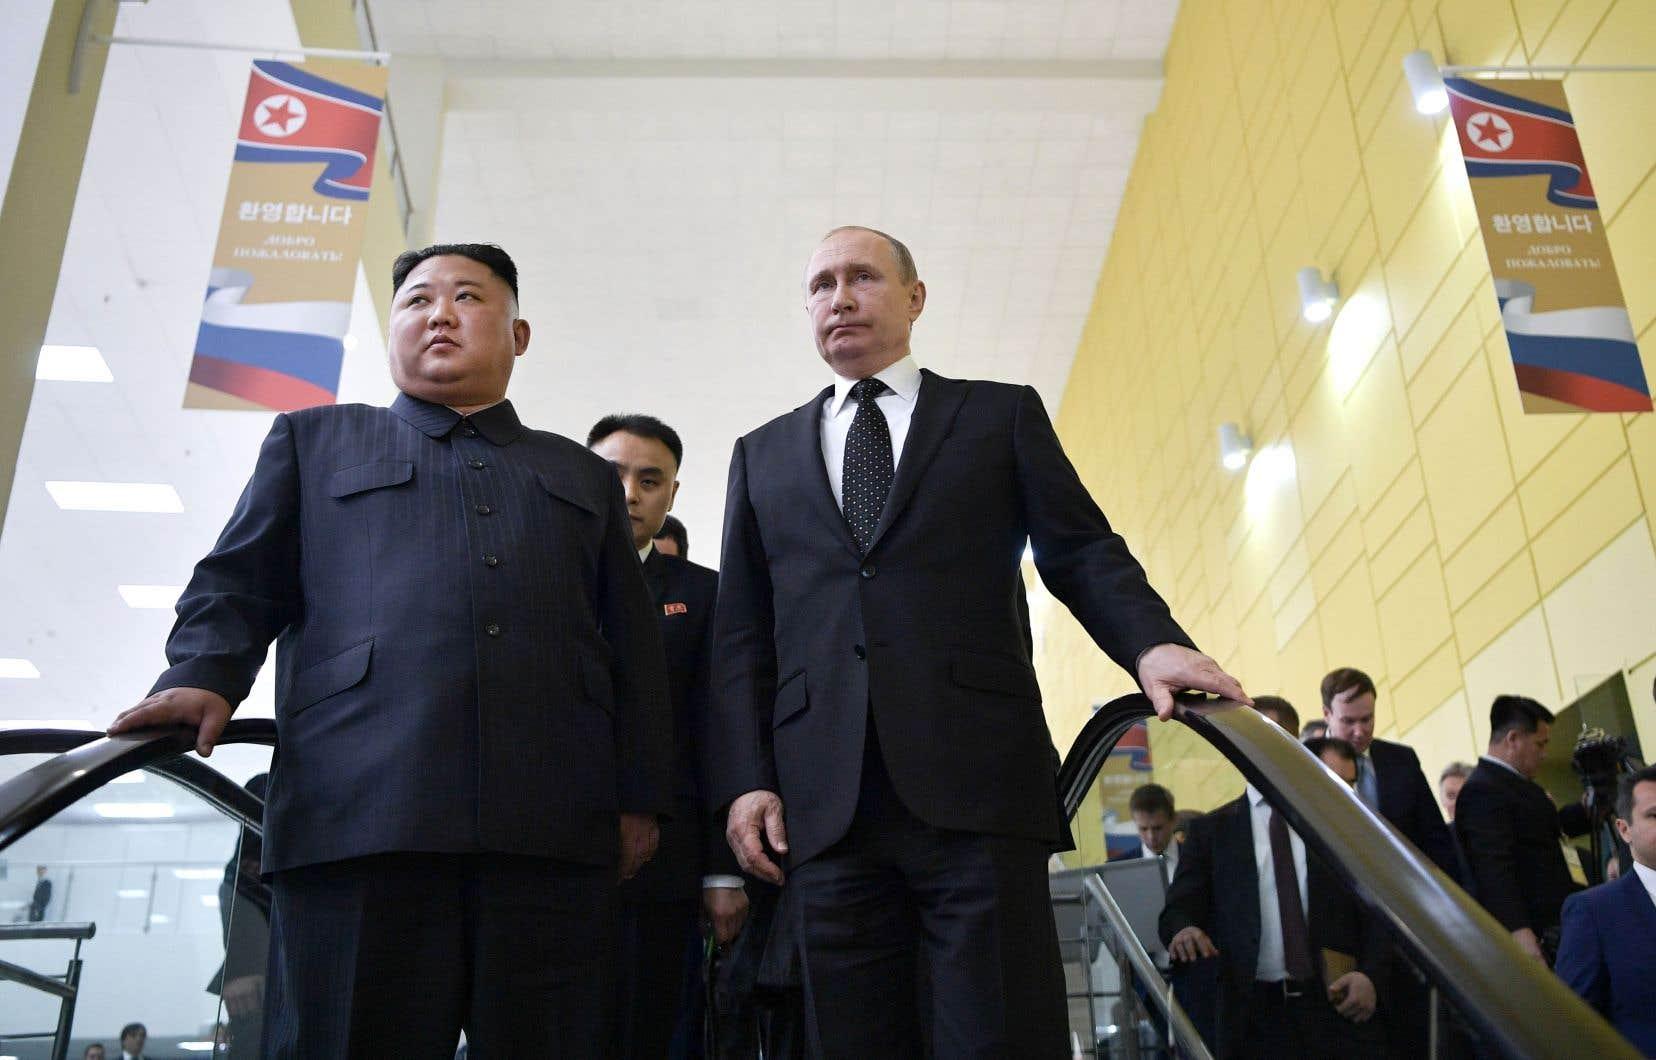 Dans son bras de fer avec les États-Unis, Kim Jong-un veut s'assurer l'appui continu de Vladimir Poutine, qui a appelé publiquement à la levée des sanctions contre la Corée du Nord.